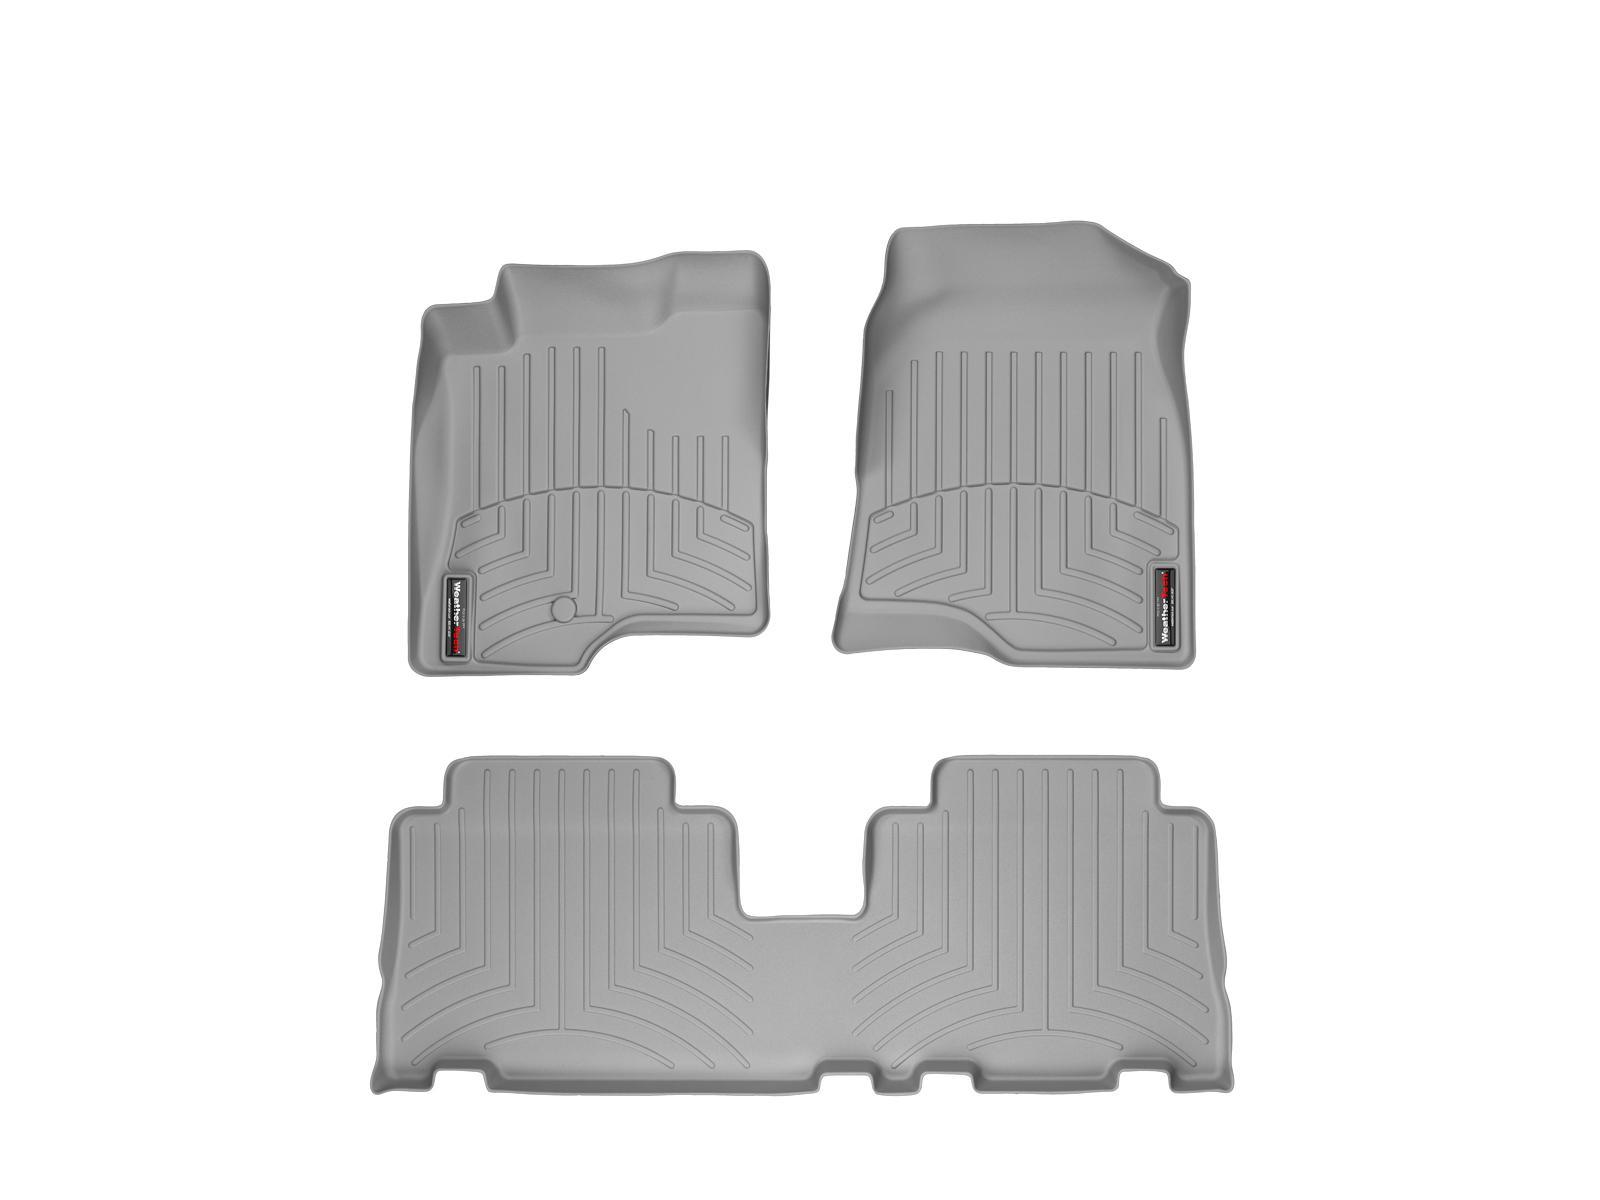 Tappeti gomma su misura bordo alto Chevrolet Captiva 06>11 Grigio A106*